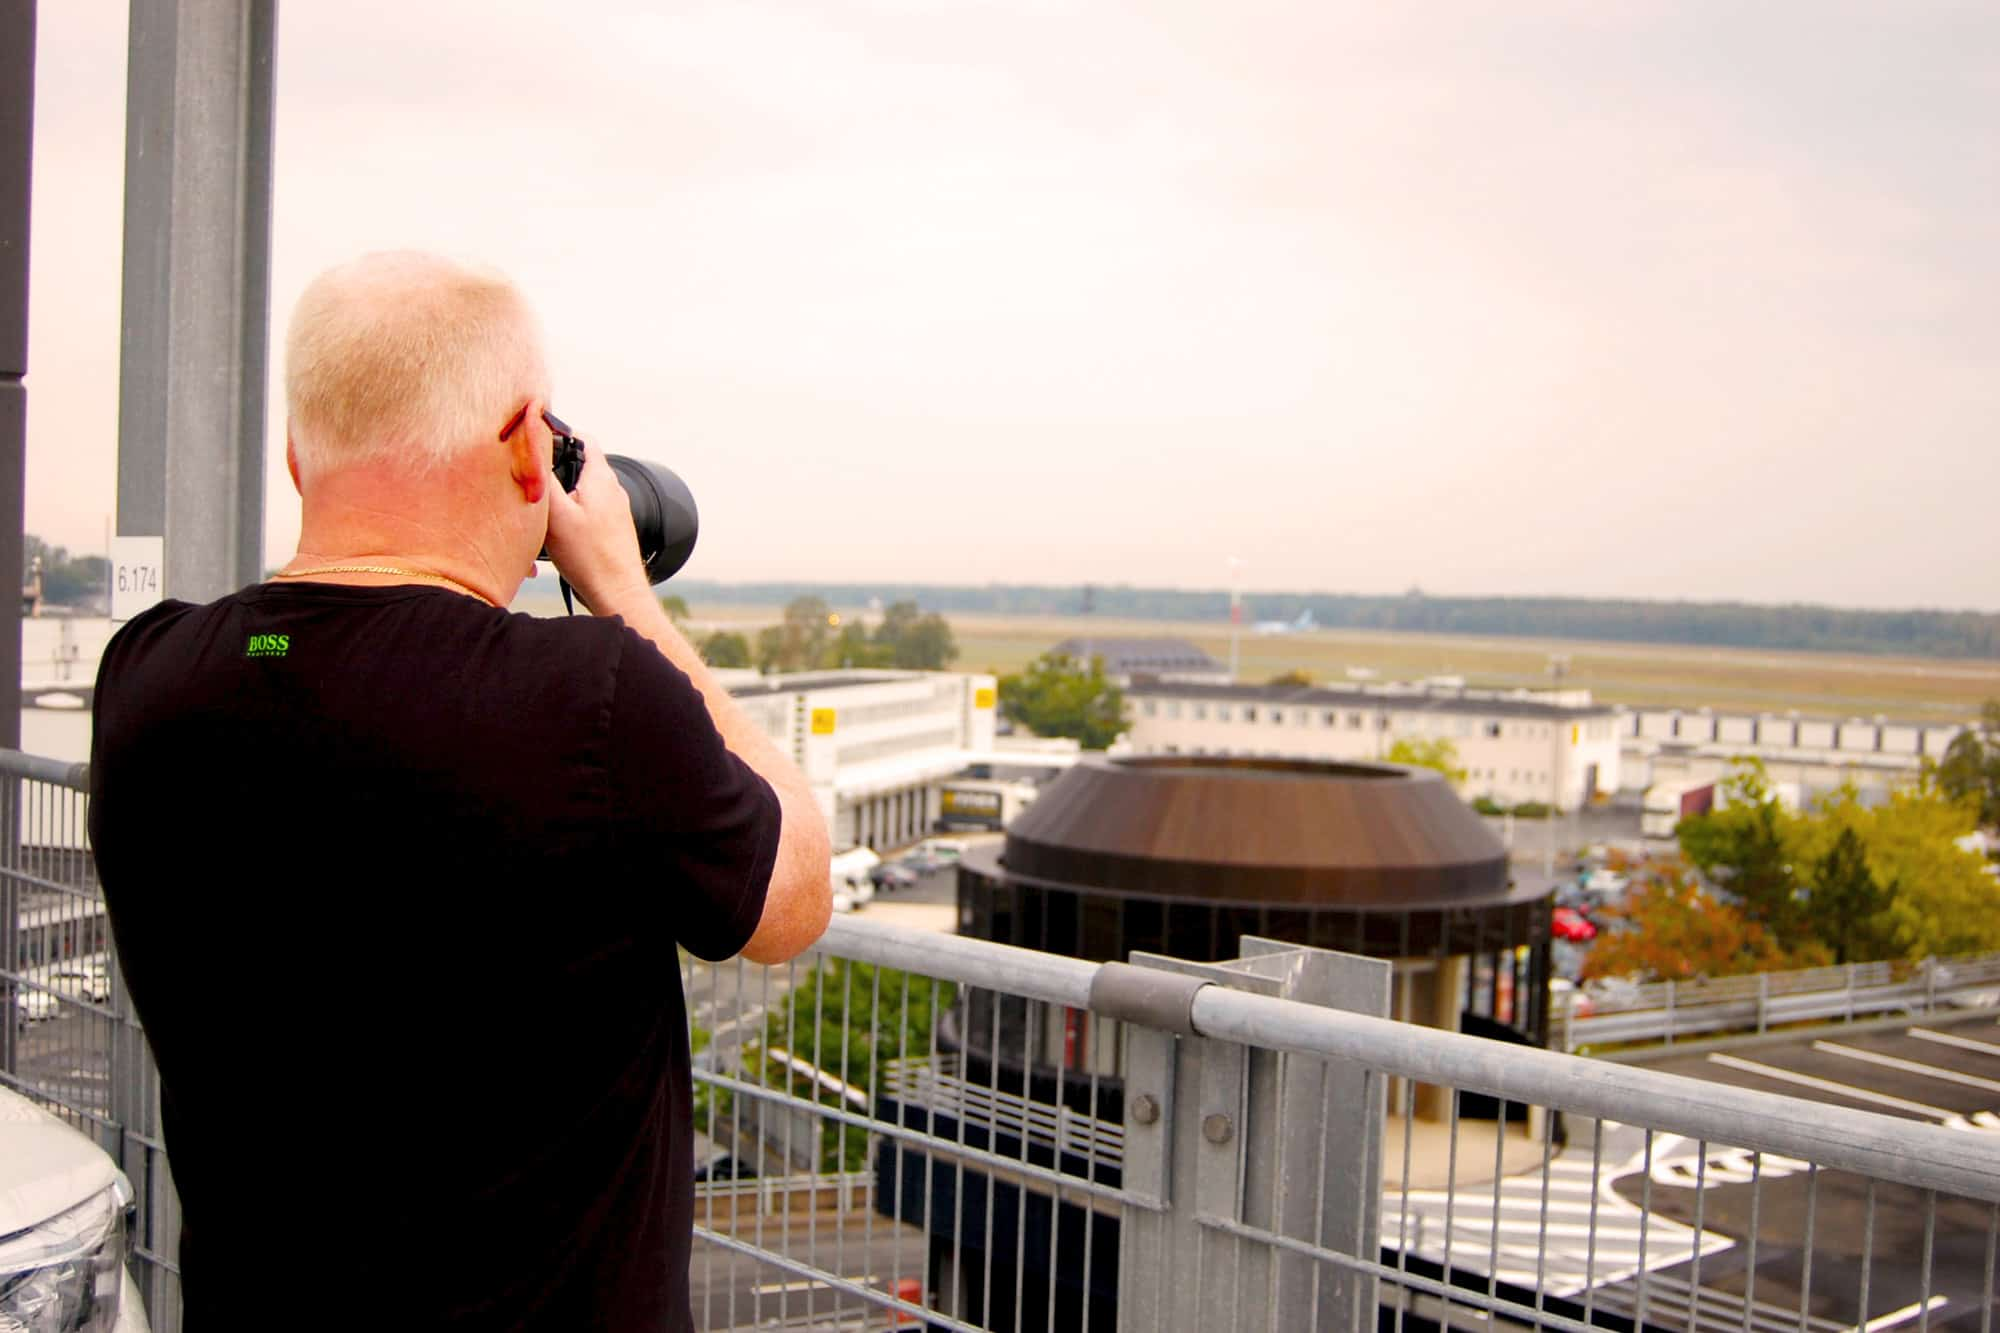 Interview mit Flugzeug-Spotter Dirk Oehlschläger